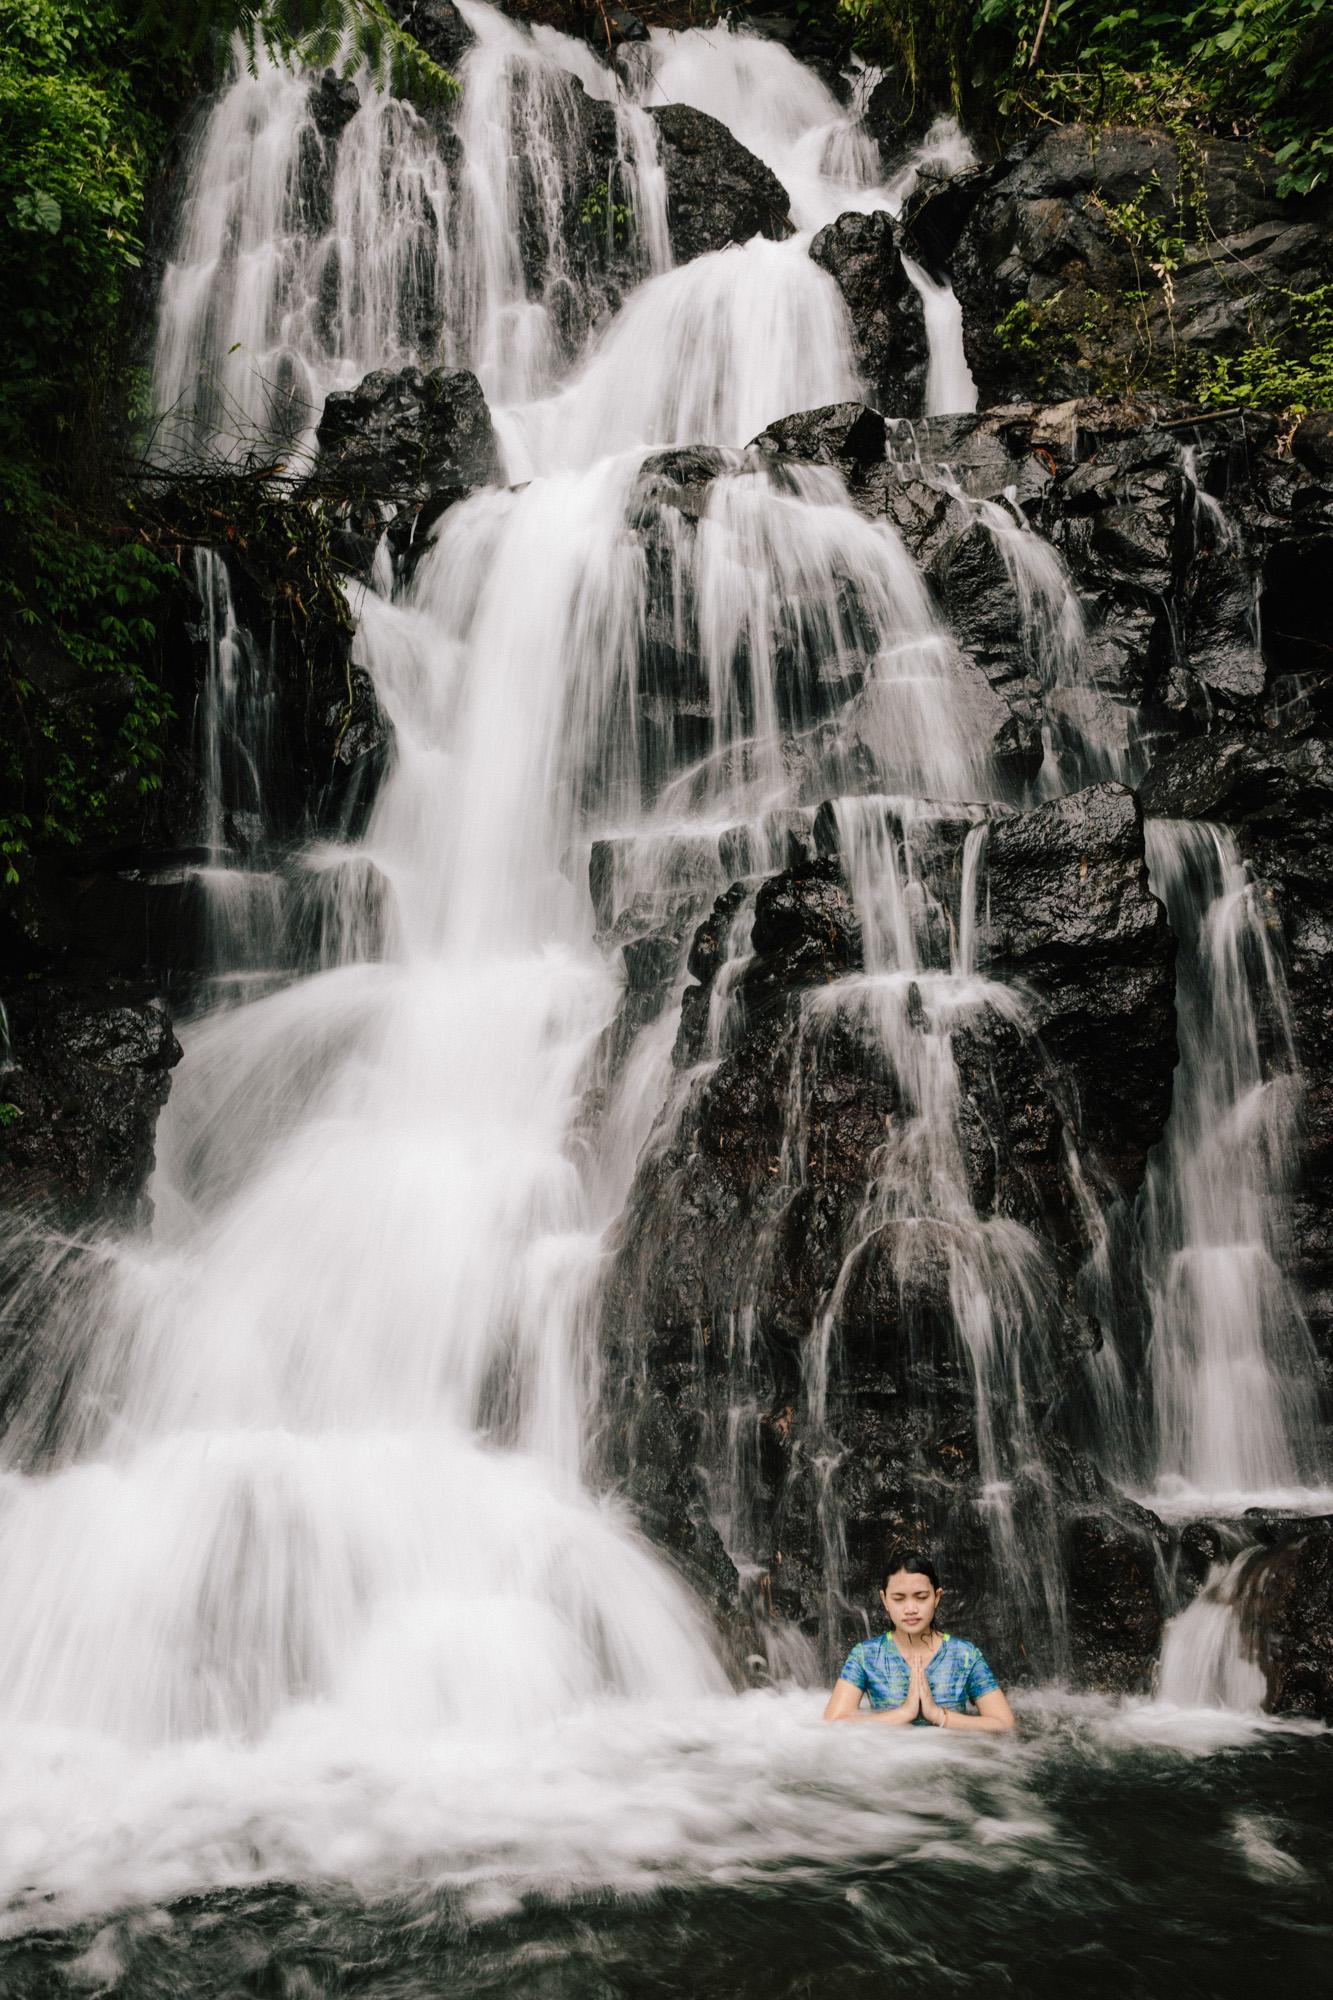 AGP_Bali_020.jpg